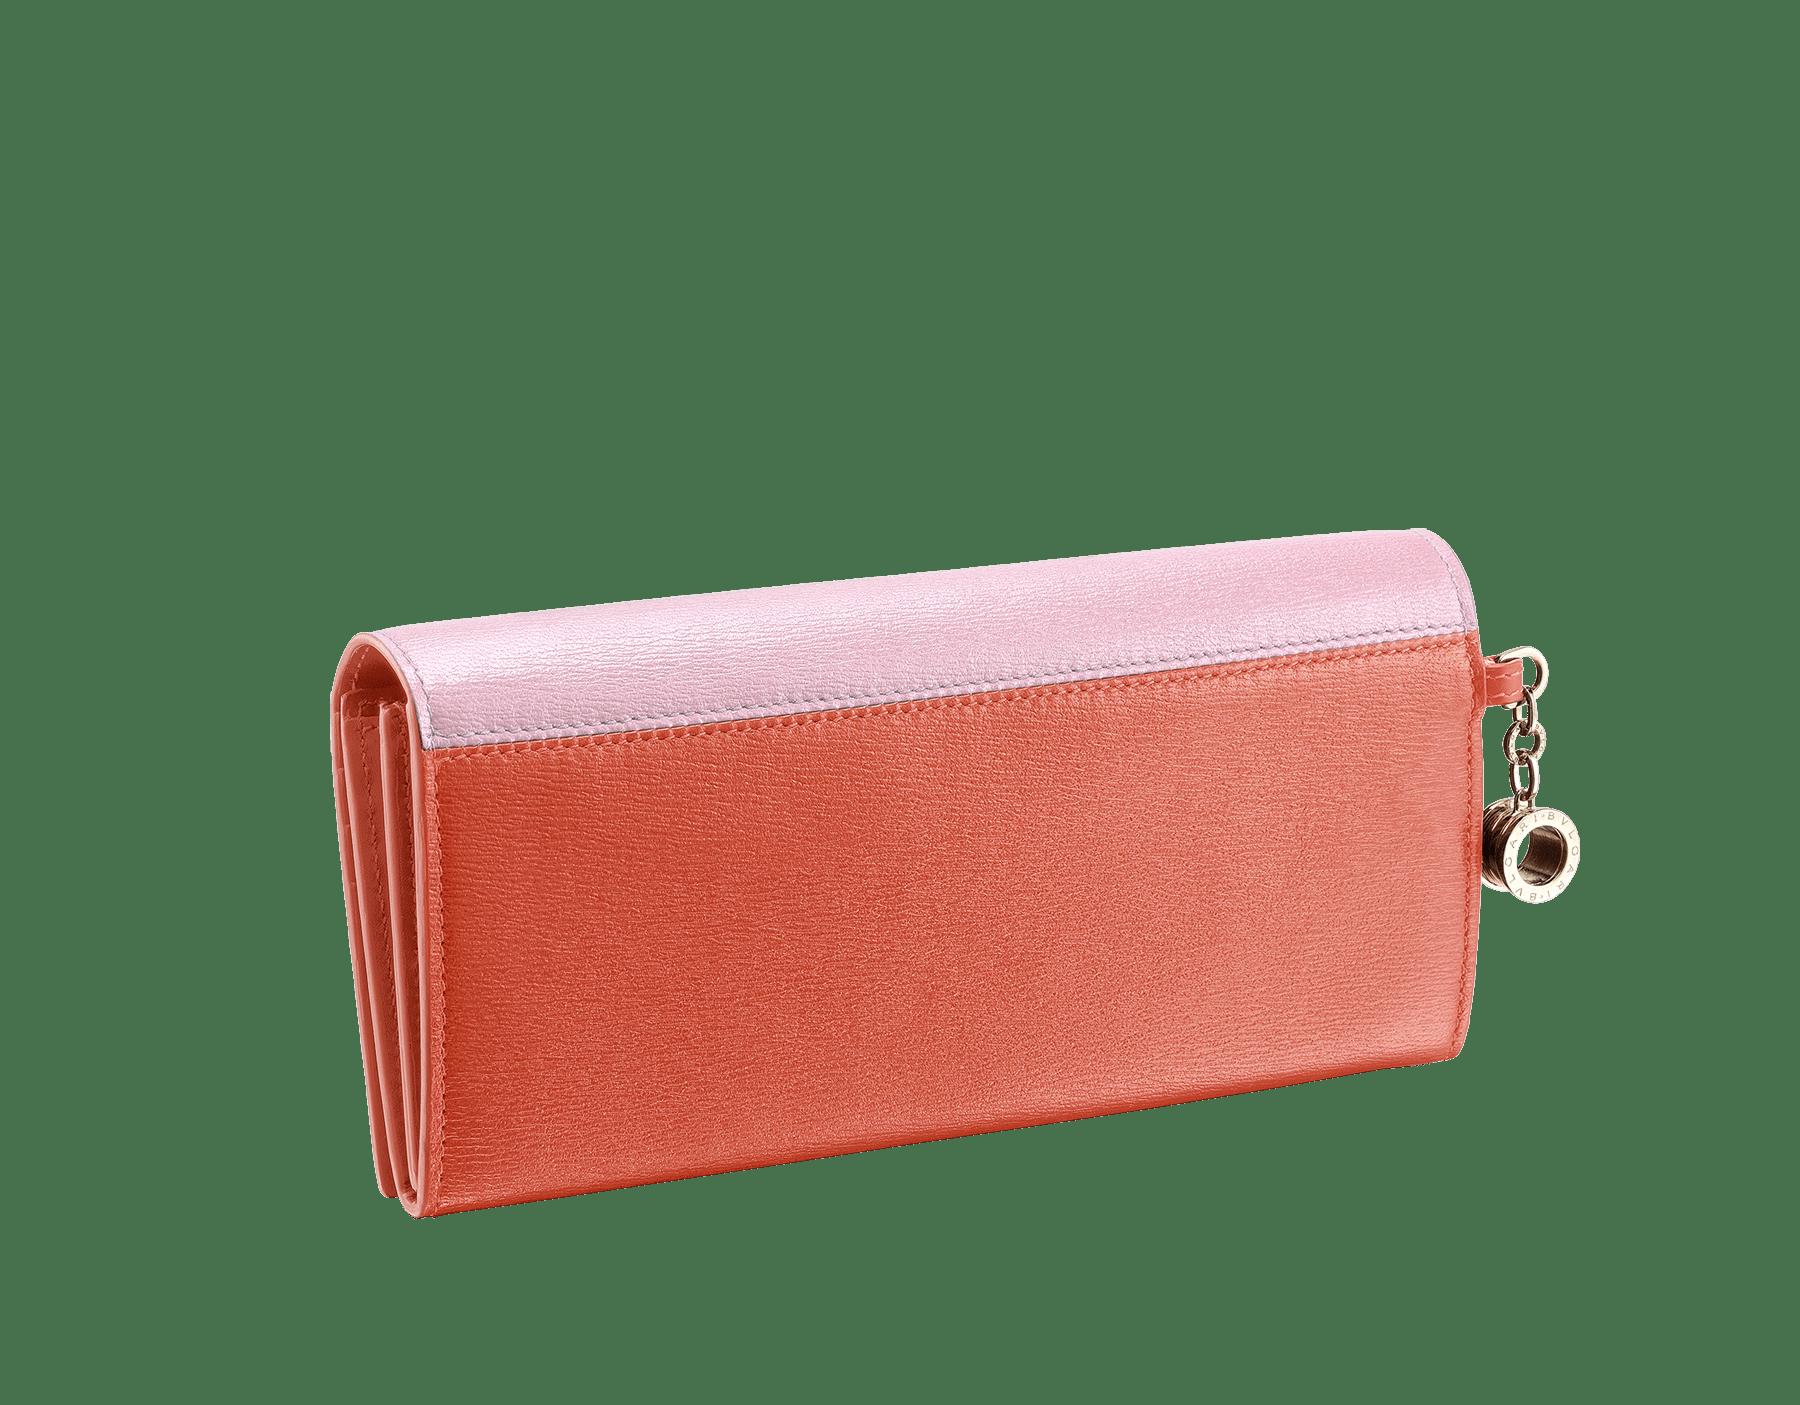 Pochette-portefeuilleB.zero1 en cuir de chèvre couleur Rosa di Francia et Imperial Topaz. Emblématique bijou B.zero1 en laiton doré et fermoir. 289068 image 3